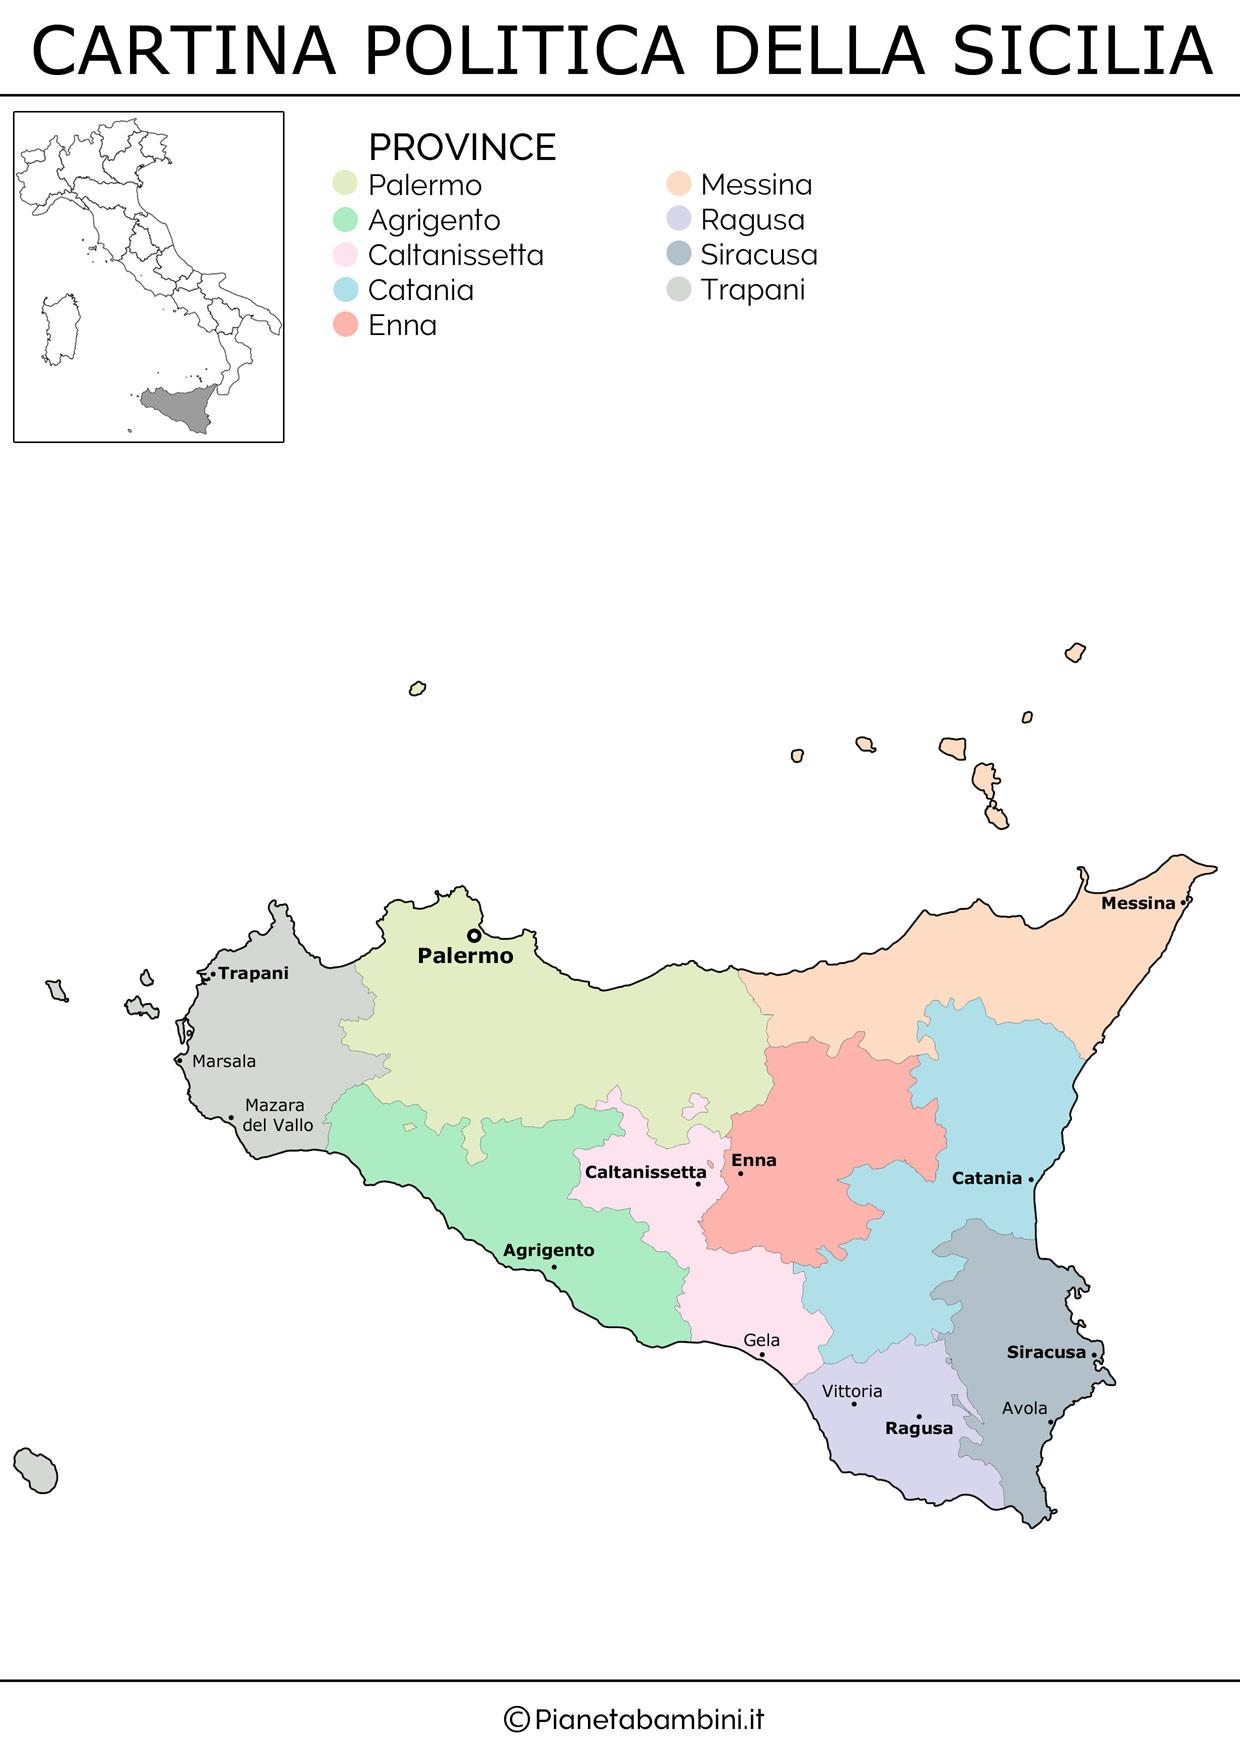 Cartina Muta Della Sicilia Da Stampare.Cartina Muta Fisica E Politica Della Sicilia Da Stampare